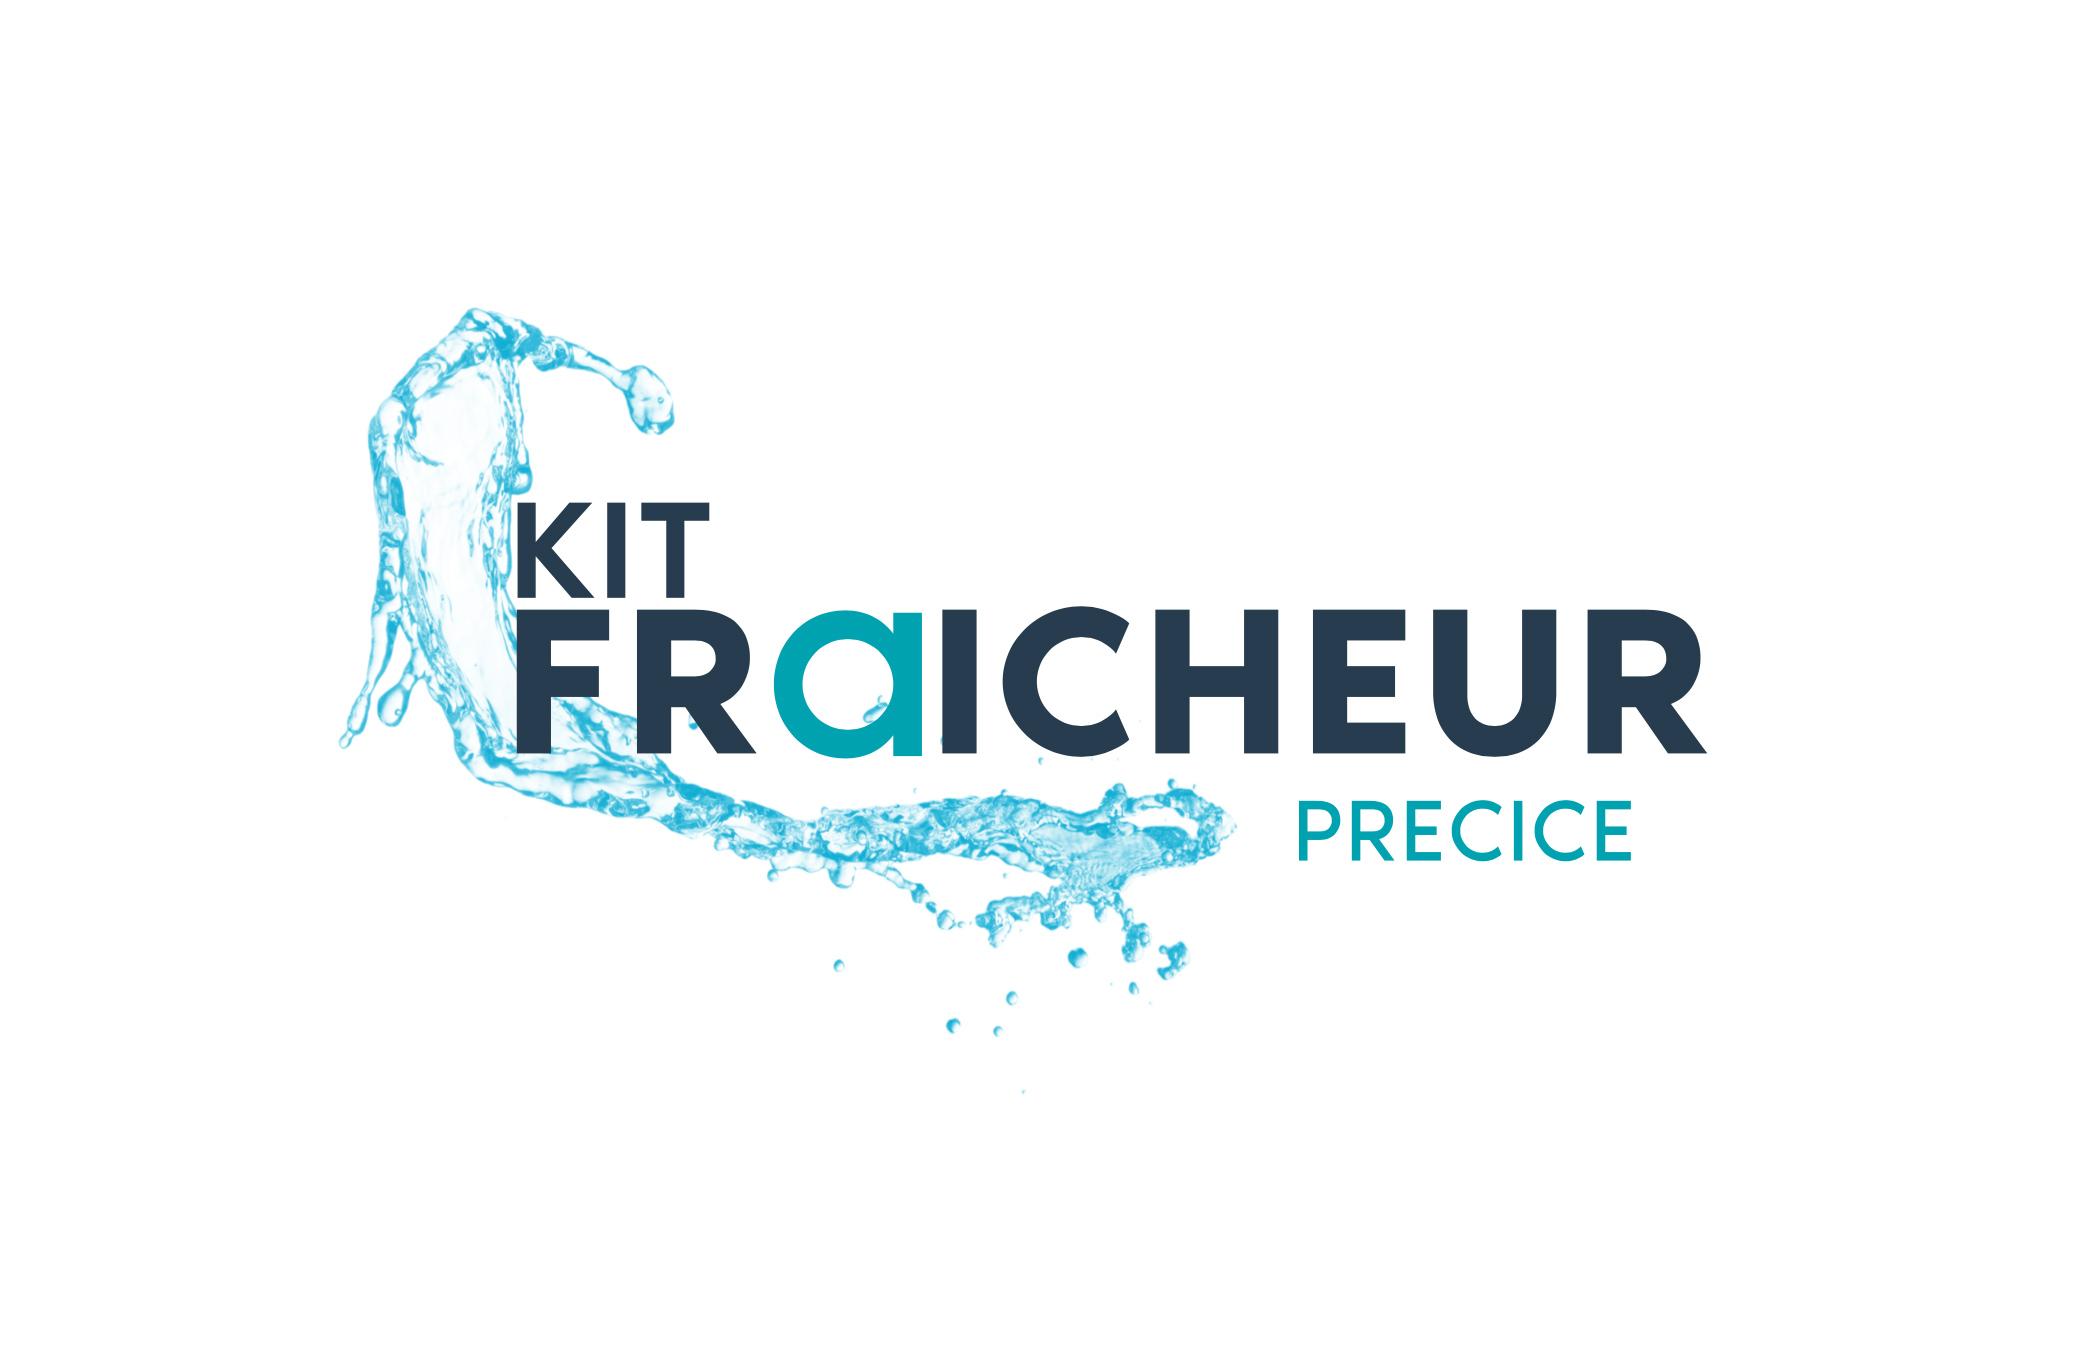 Kit Fraicheur Precice